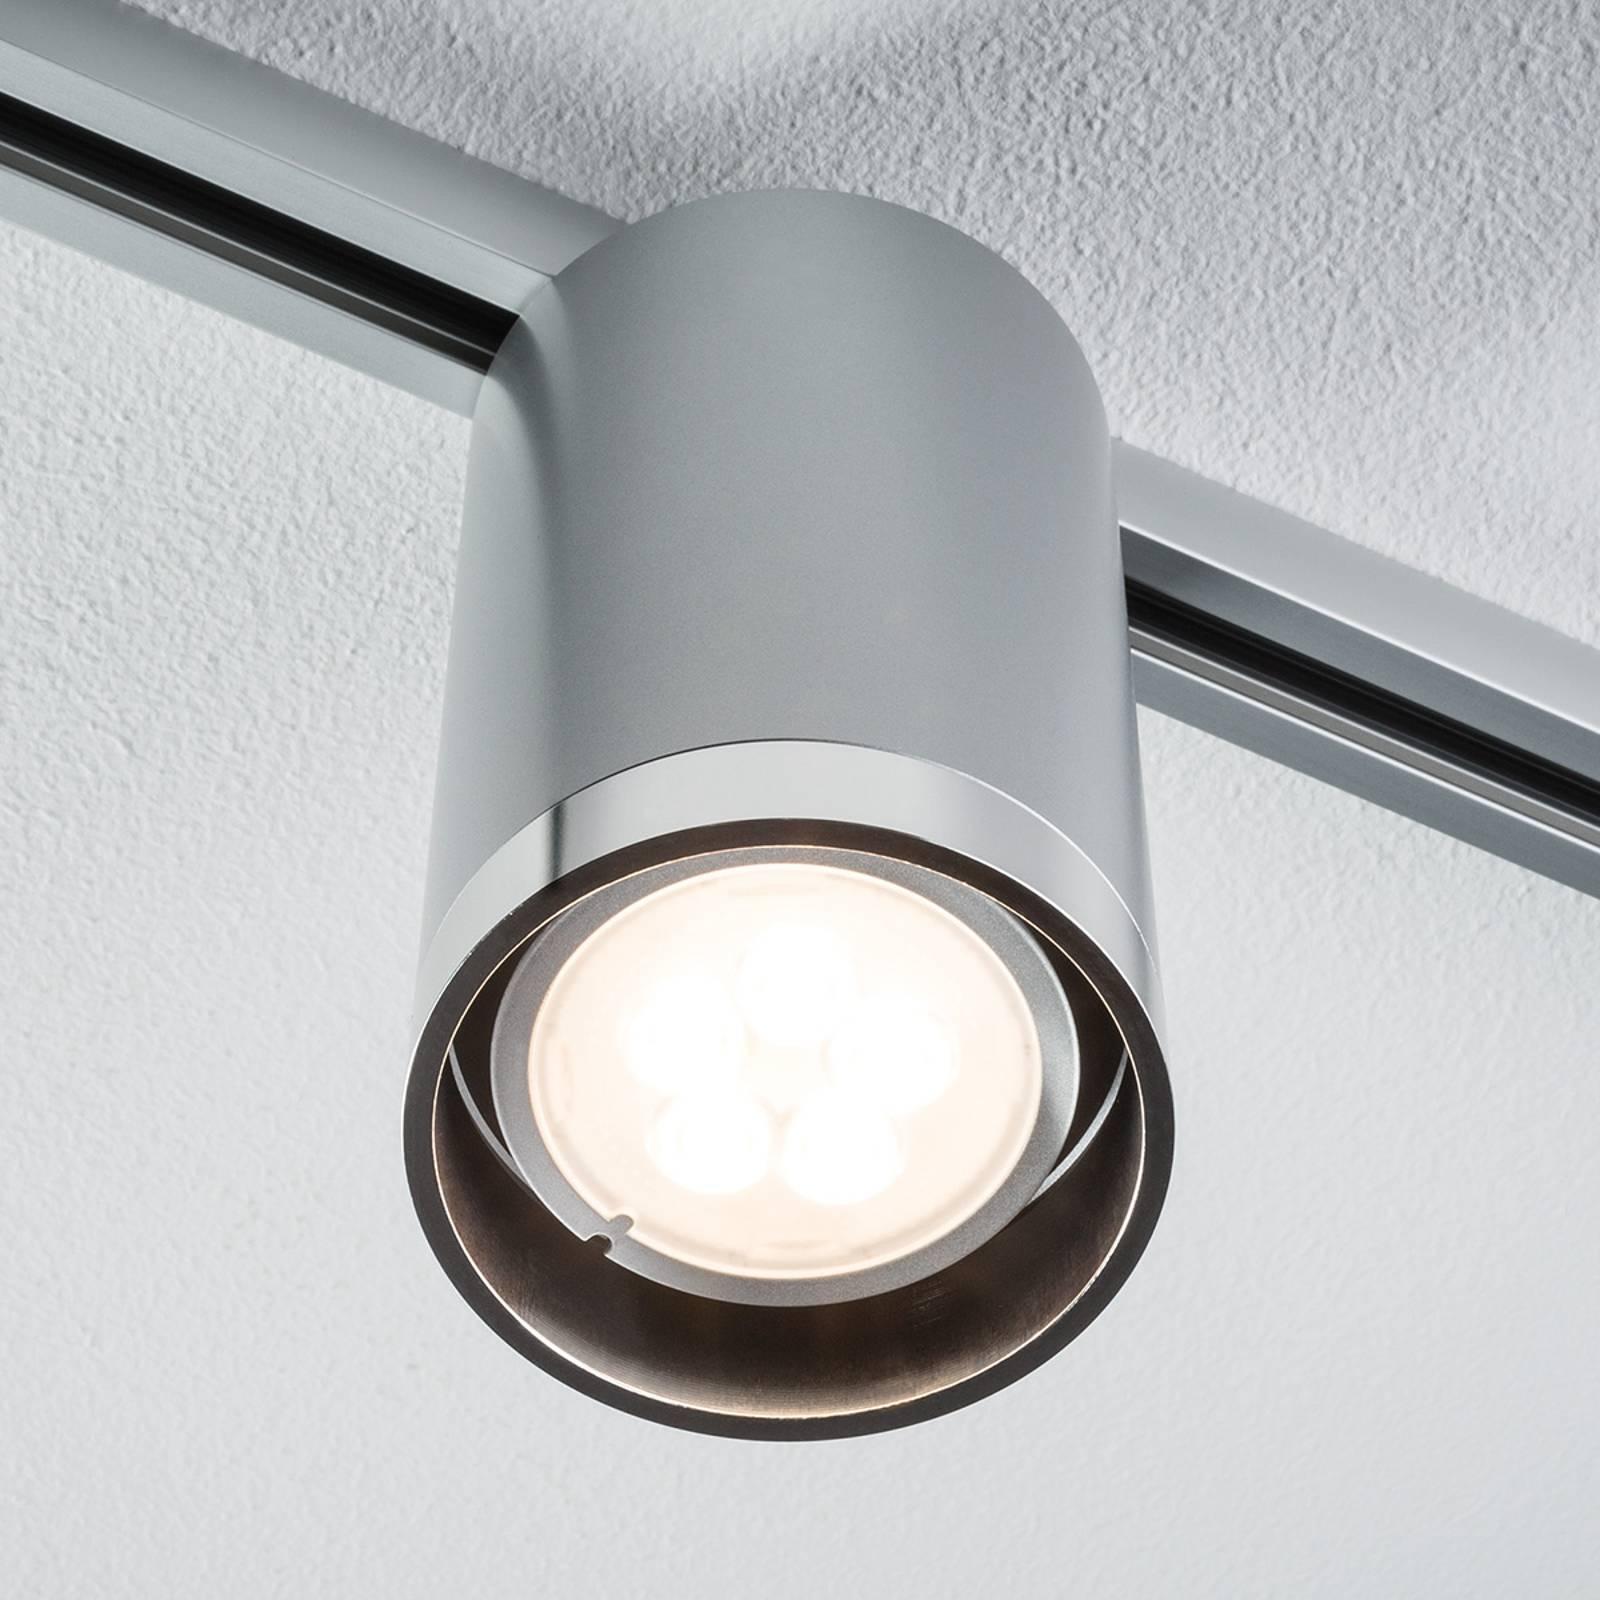 Paulmann URail Tube -LED-kohdevalo, kromi 6,5 W